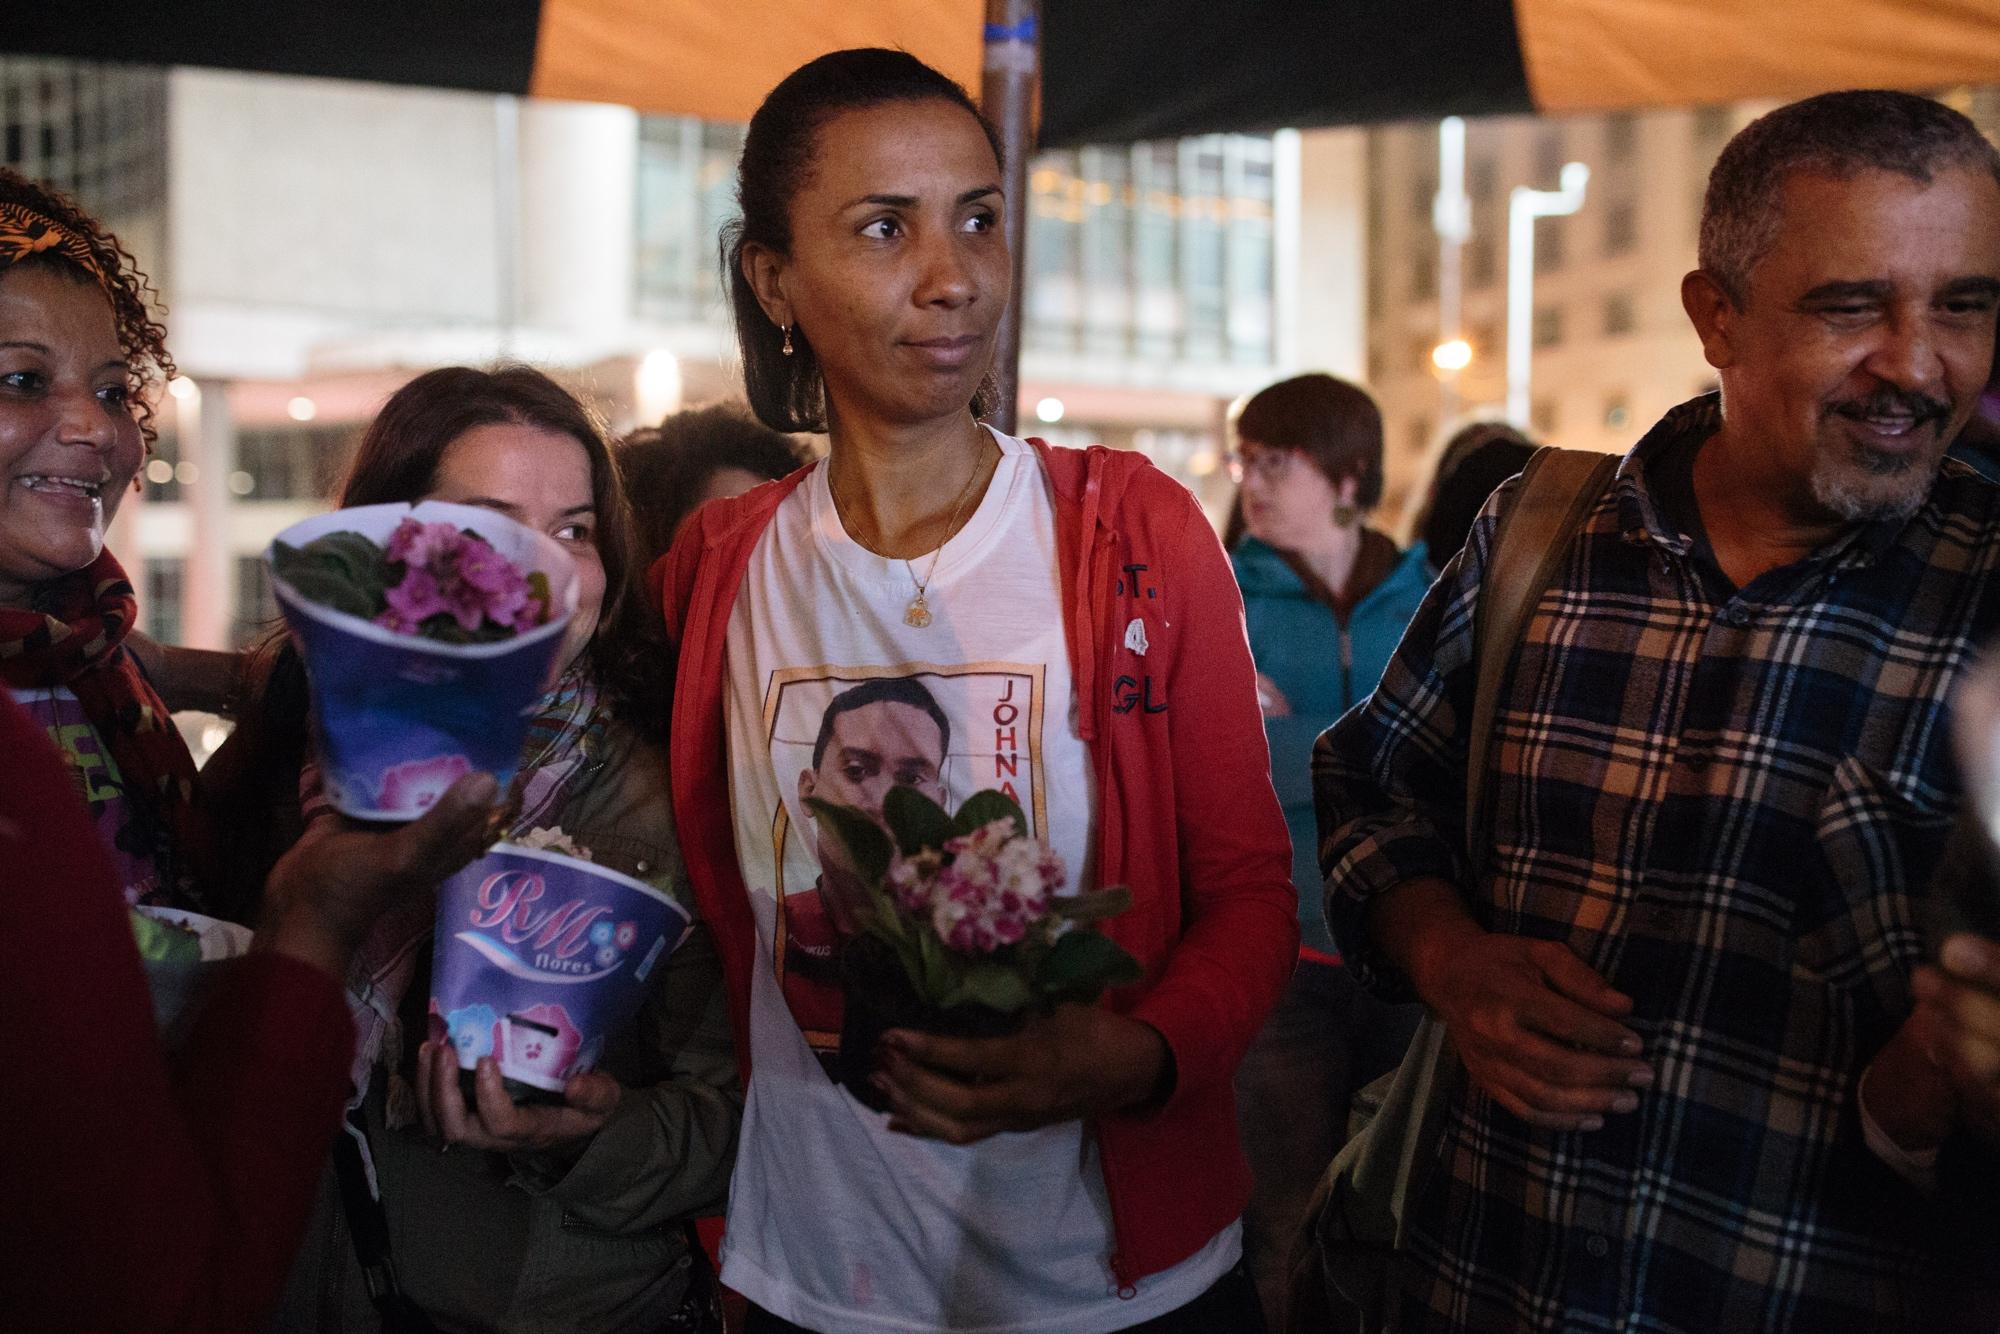 Ana Paula Oliveira participa, entre mães e apoiadores, da Vigília da Candelária, em memória da chacina cometida por policiais militares que mataram 8 jovens, em 23 de julho de 1993.